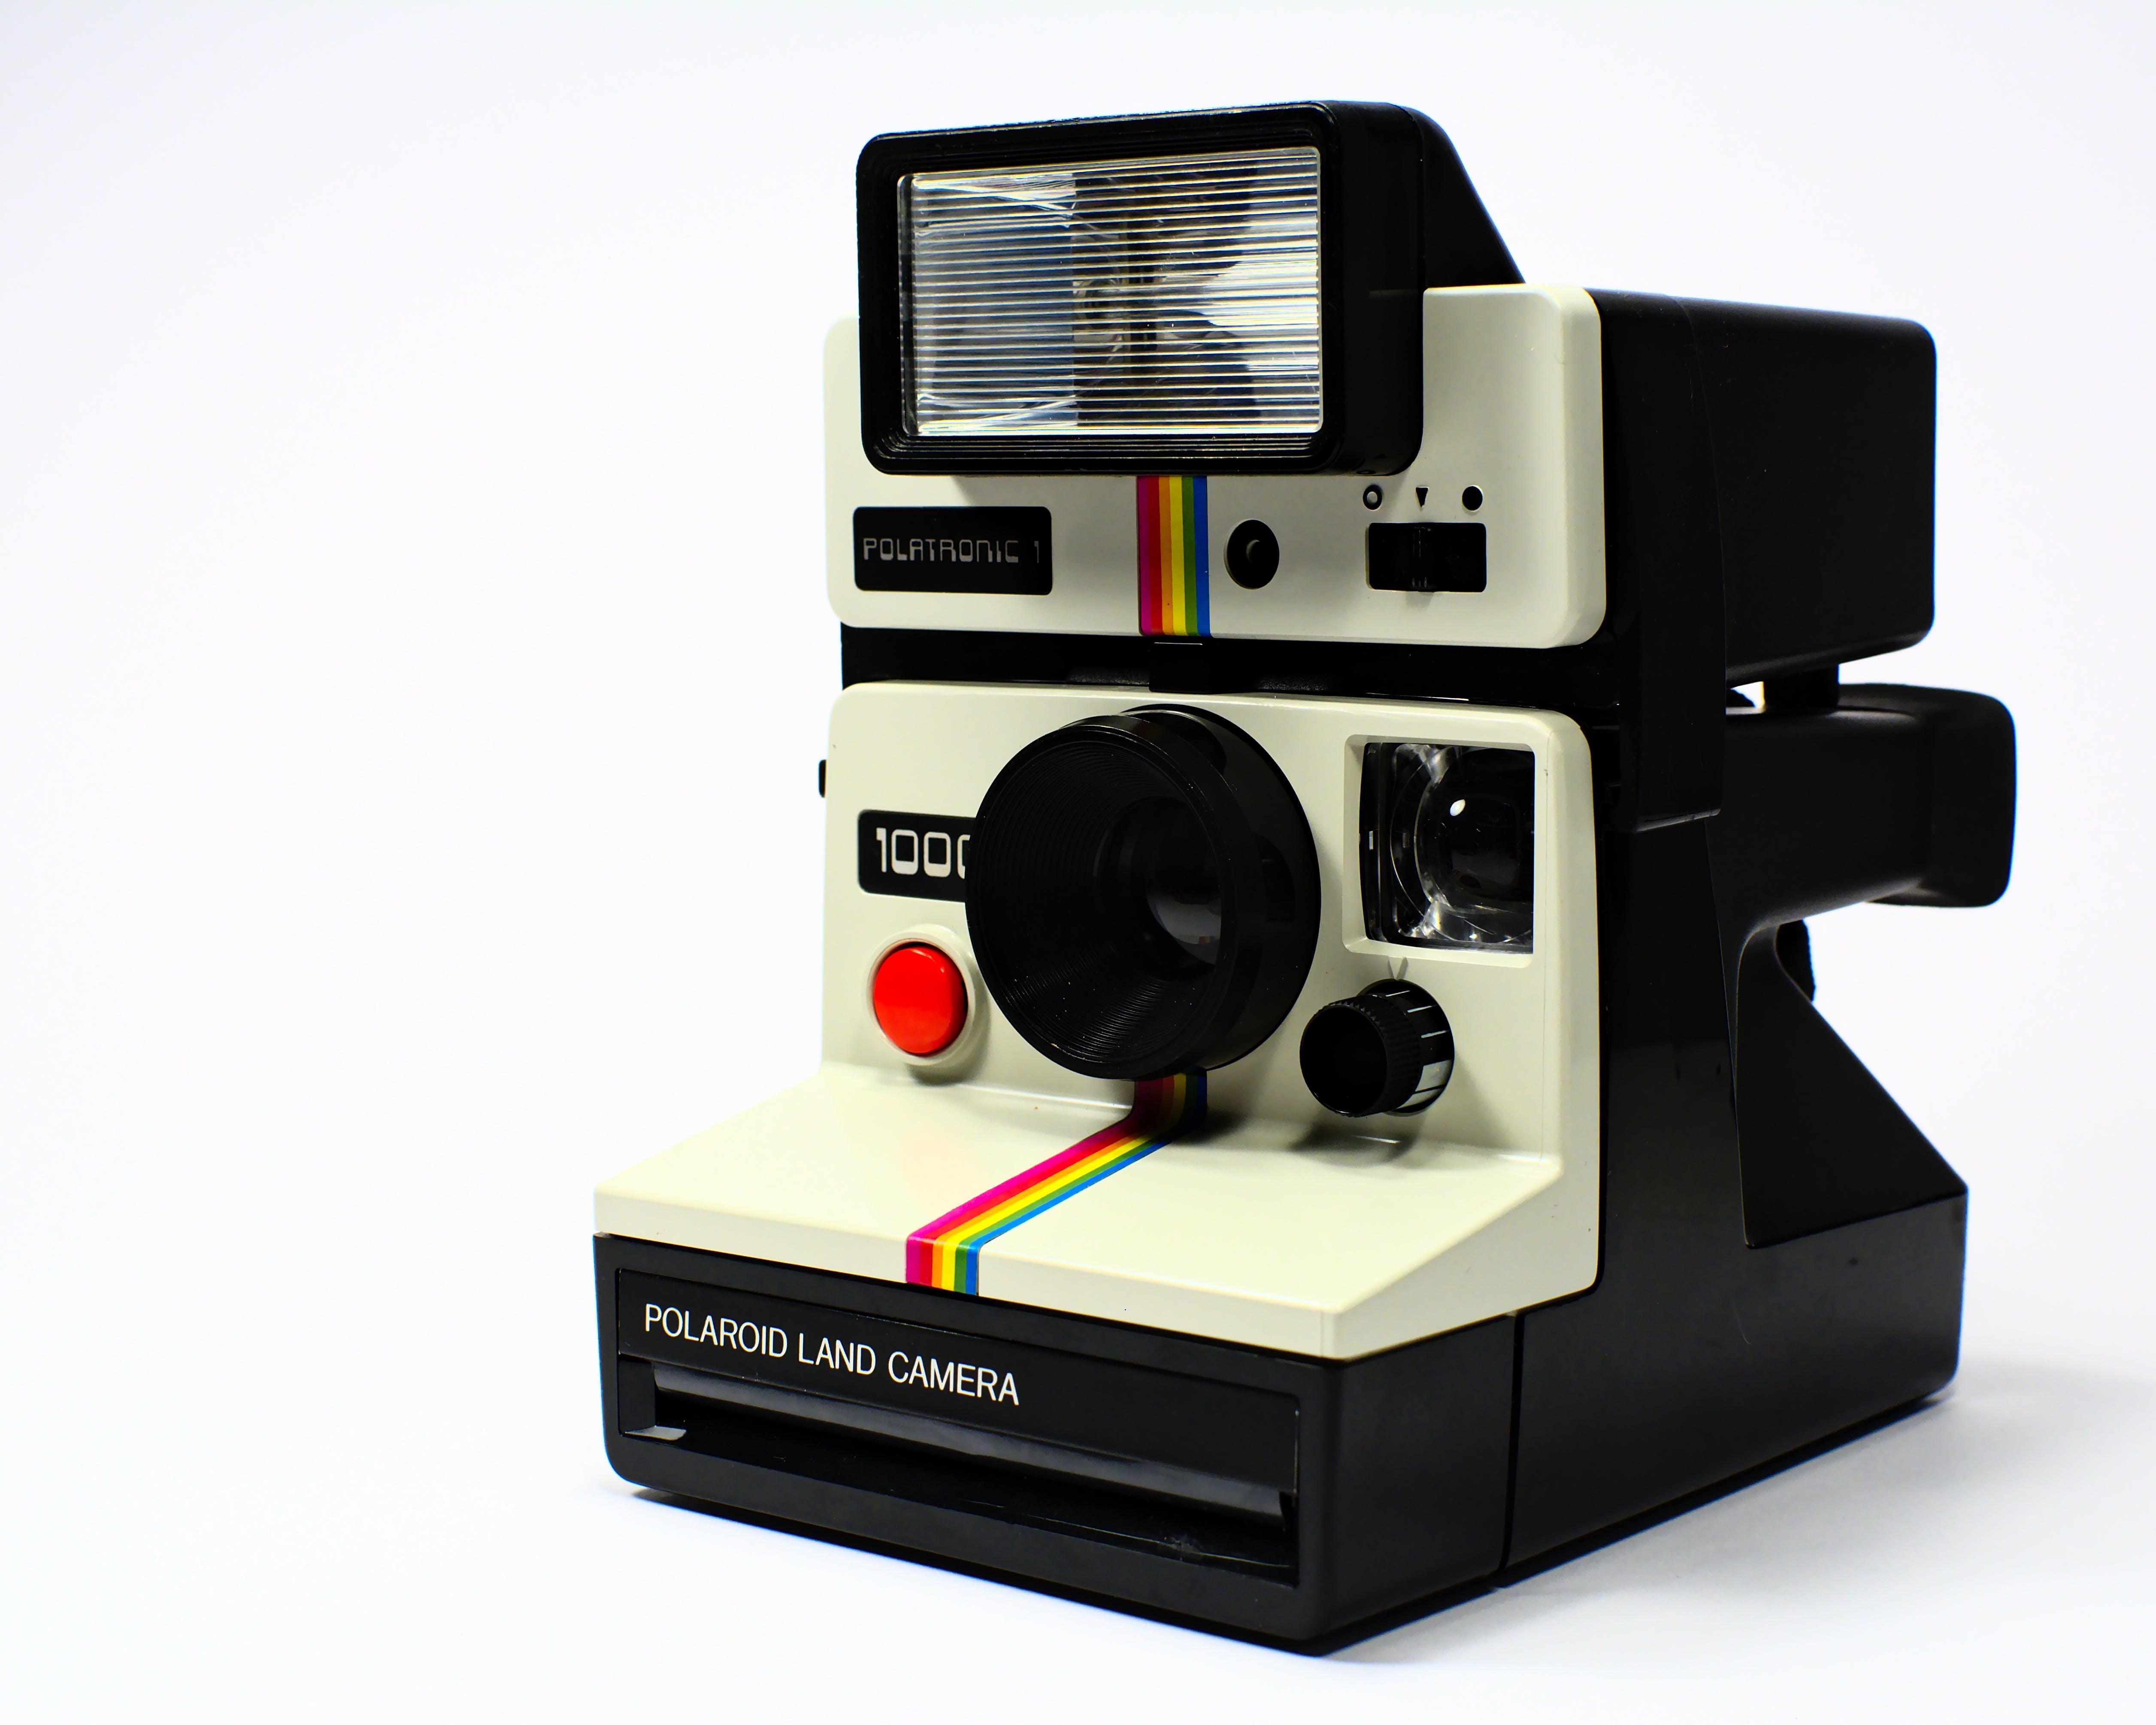 Gratis arkivbilde med fotografi, kamera, polaroid, retro